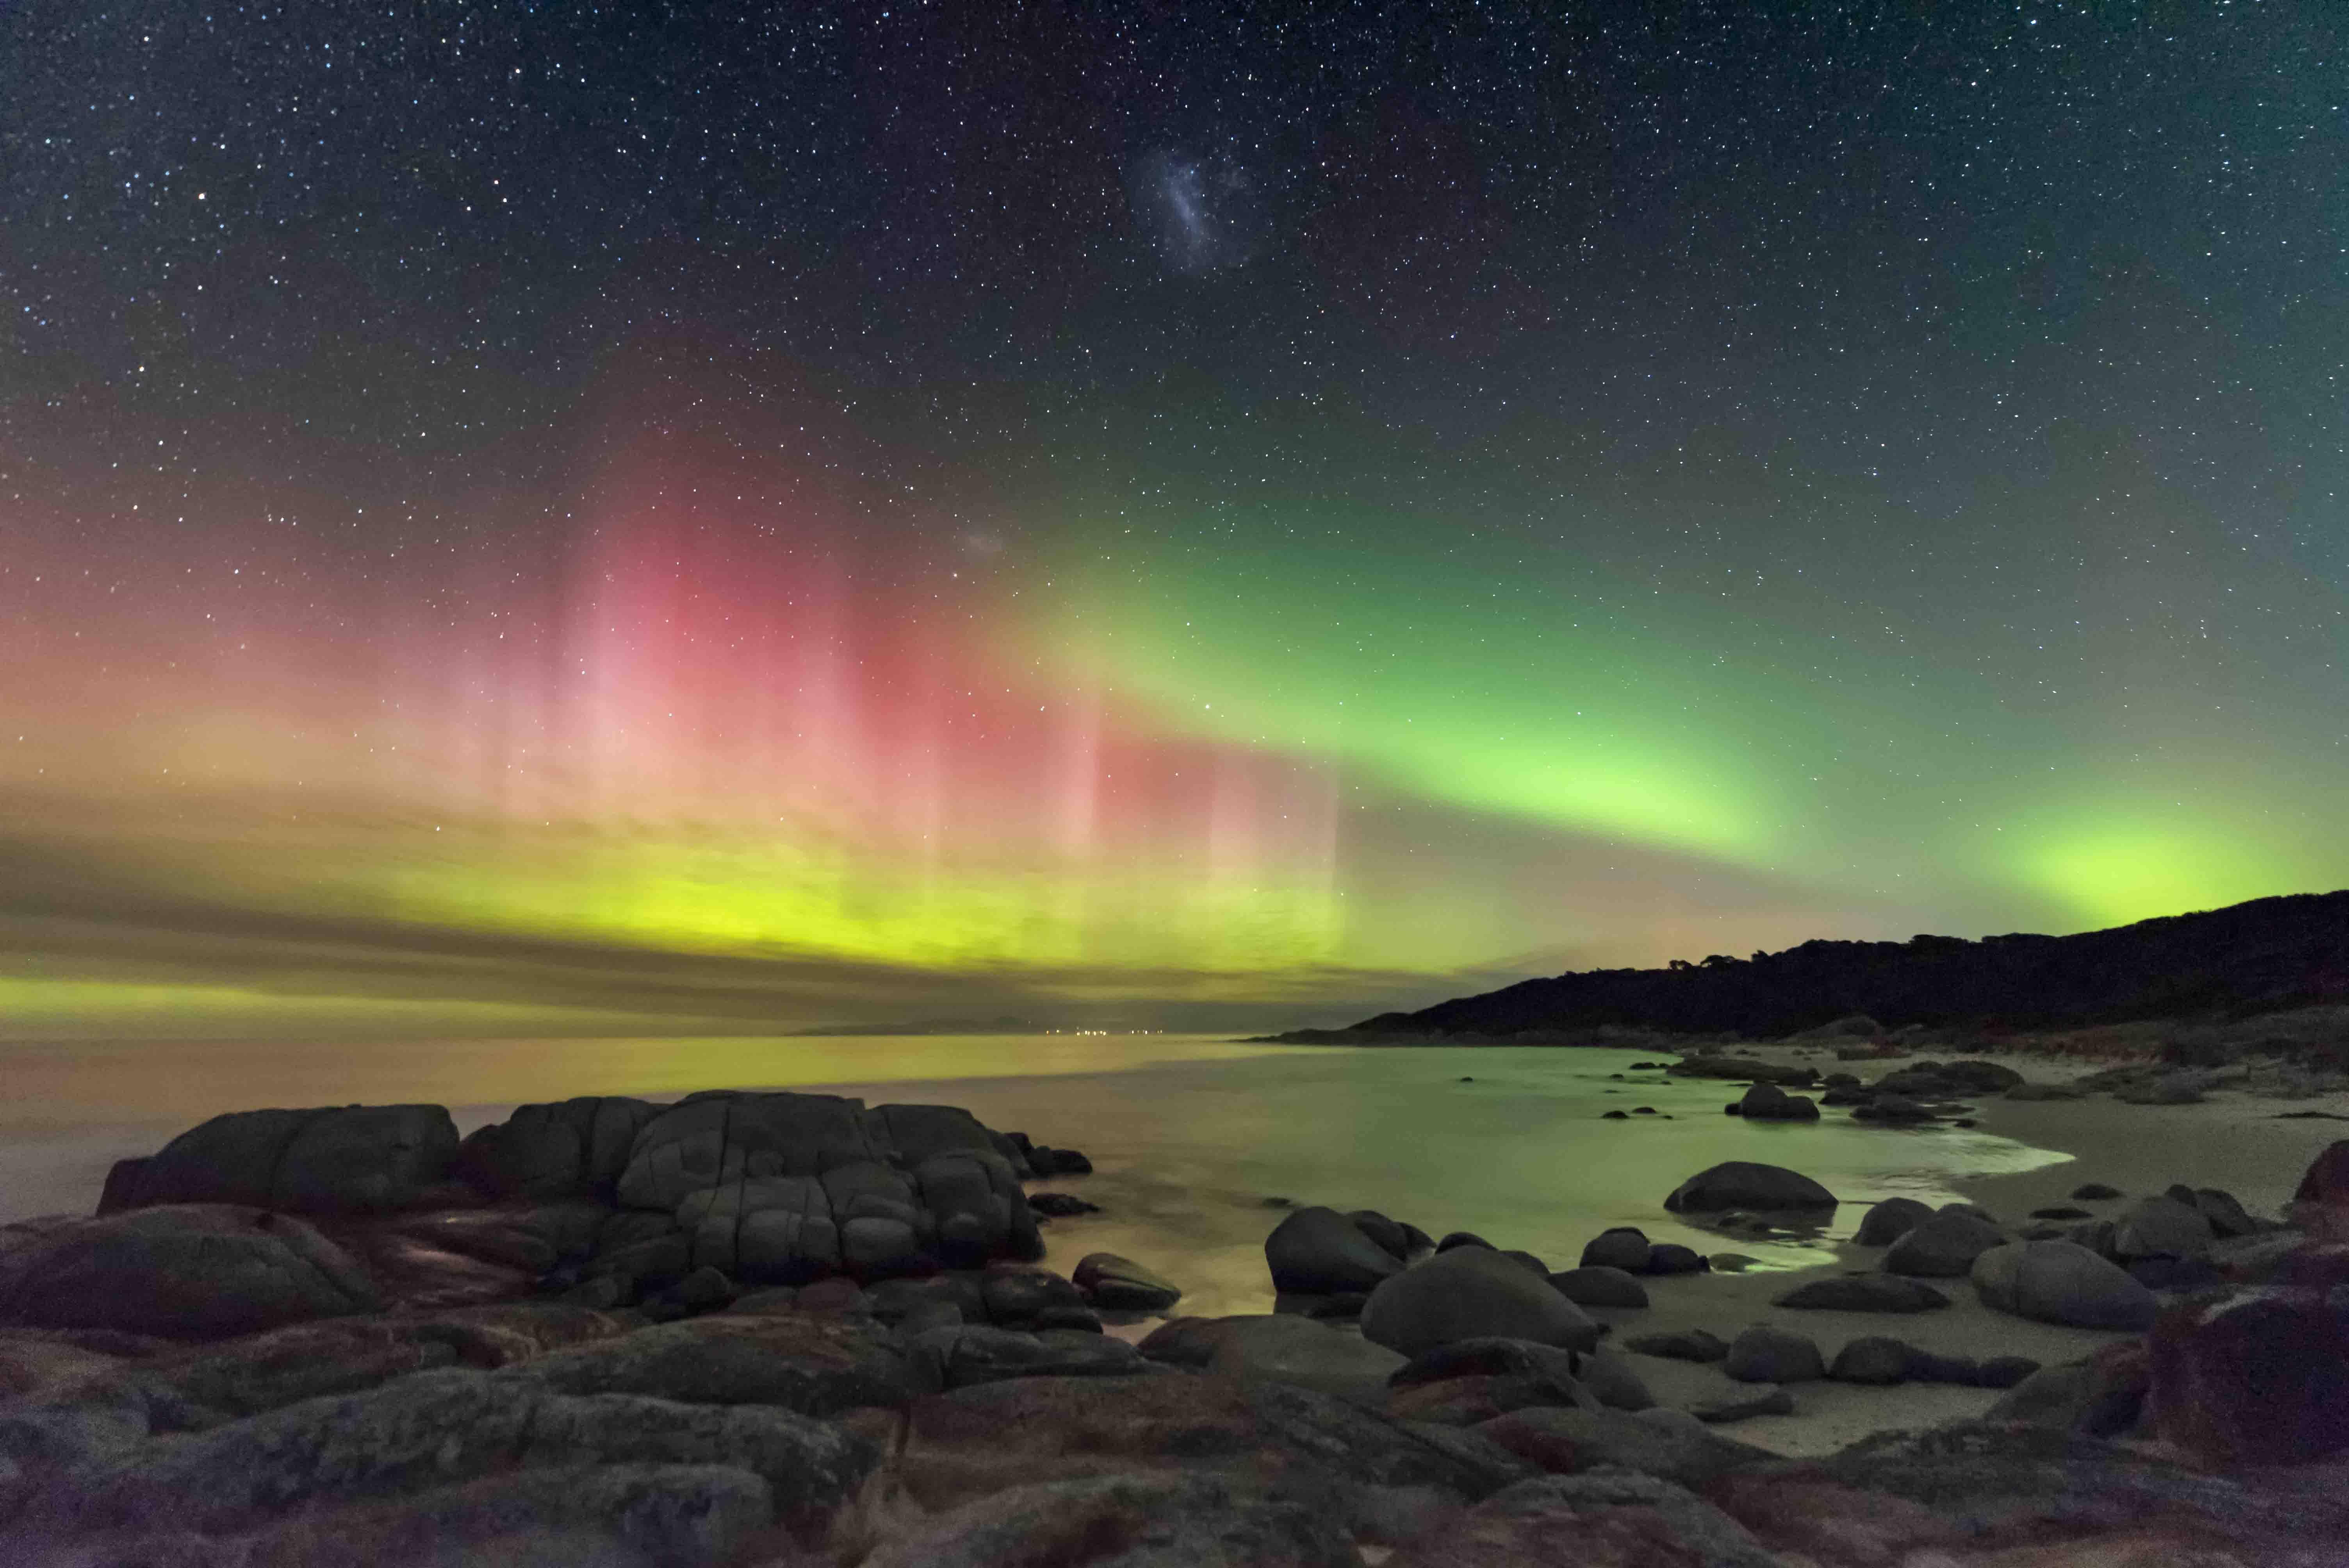 Aurora Australis from Beerbarrel Beach